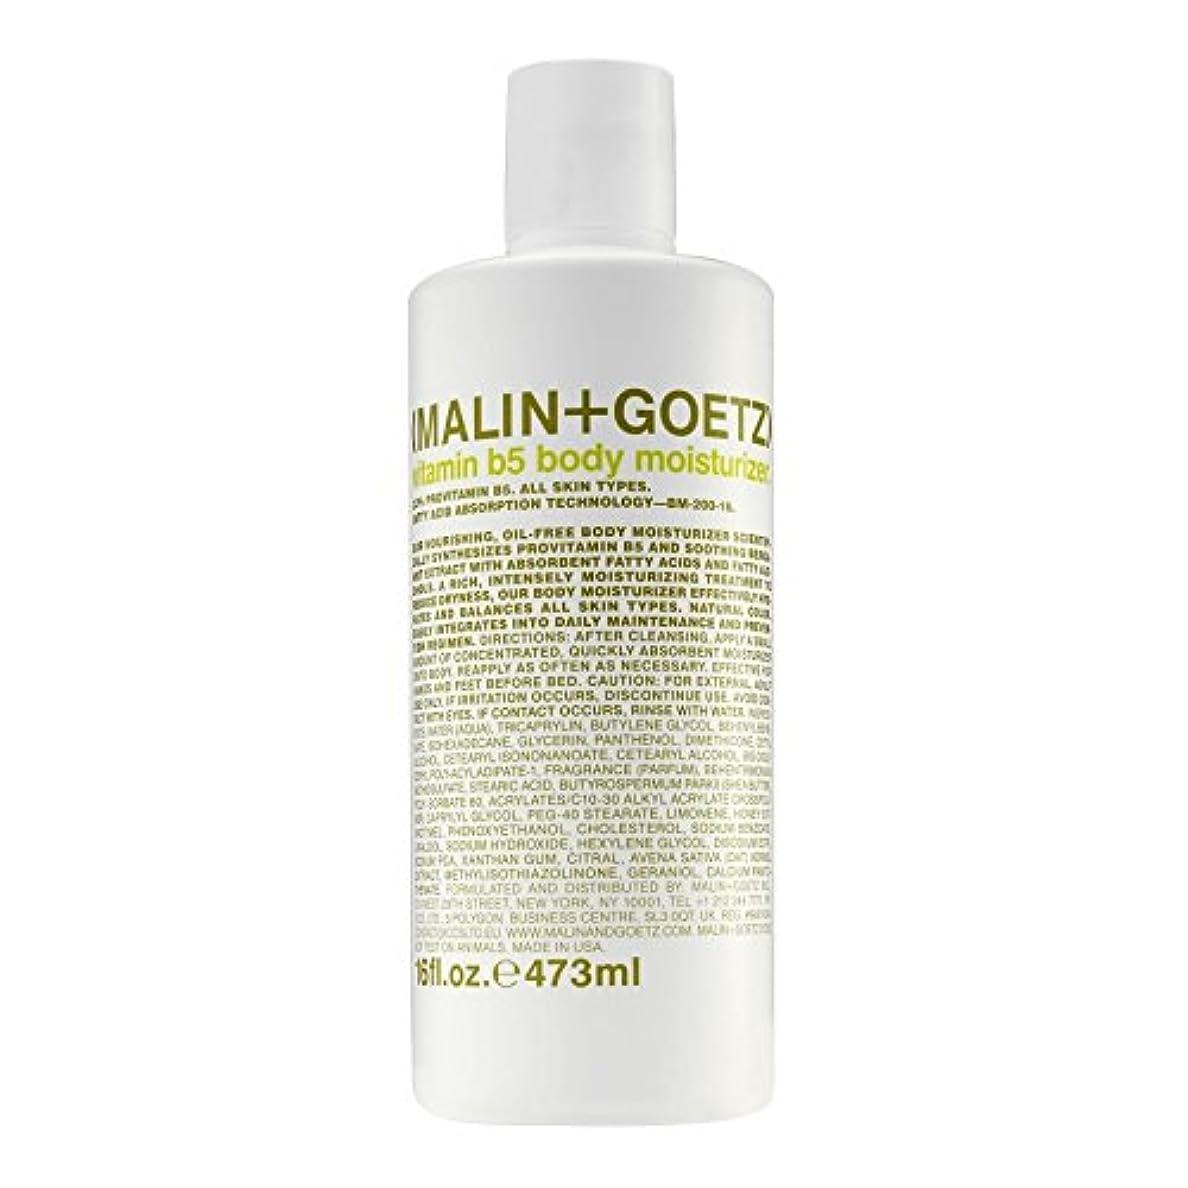 有名振る投資するマリン+ゲッツビタミン5ボディモイスチャライザーの473ミリリットル x4 - MALIN+GOETZ Vitamin B5 Body Moisturiser 473ml (Pack of 4) [並行輸入品]